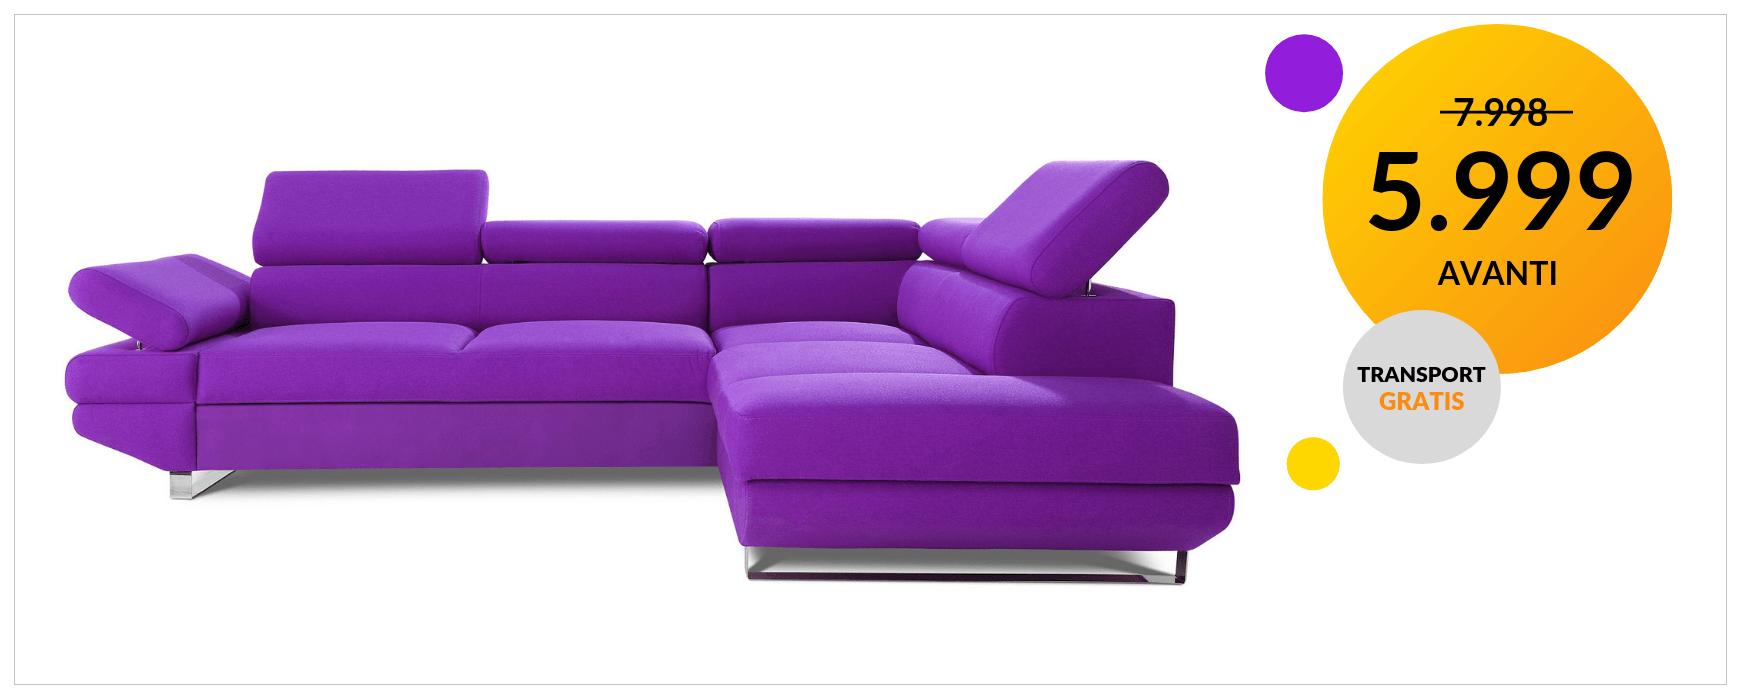 Poznaj AVANTI oraz inne wyjątkowe kolekcje komfortowych narożników marki CAYA DESIGN